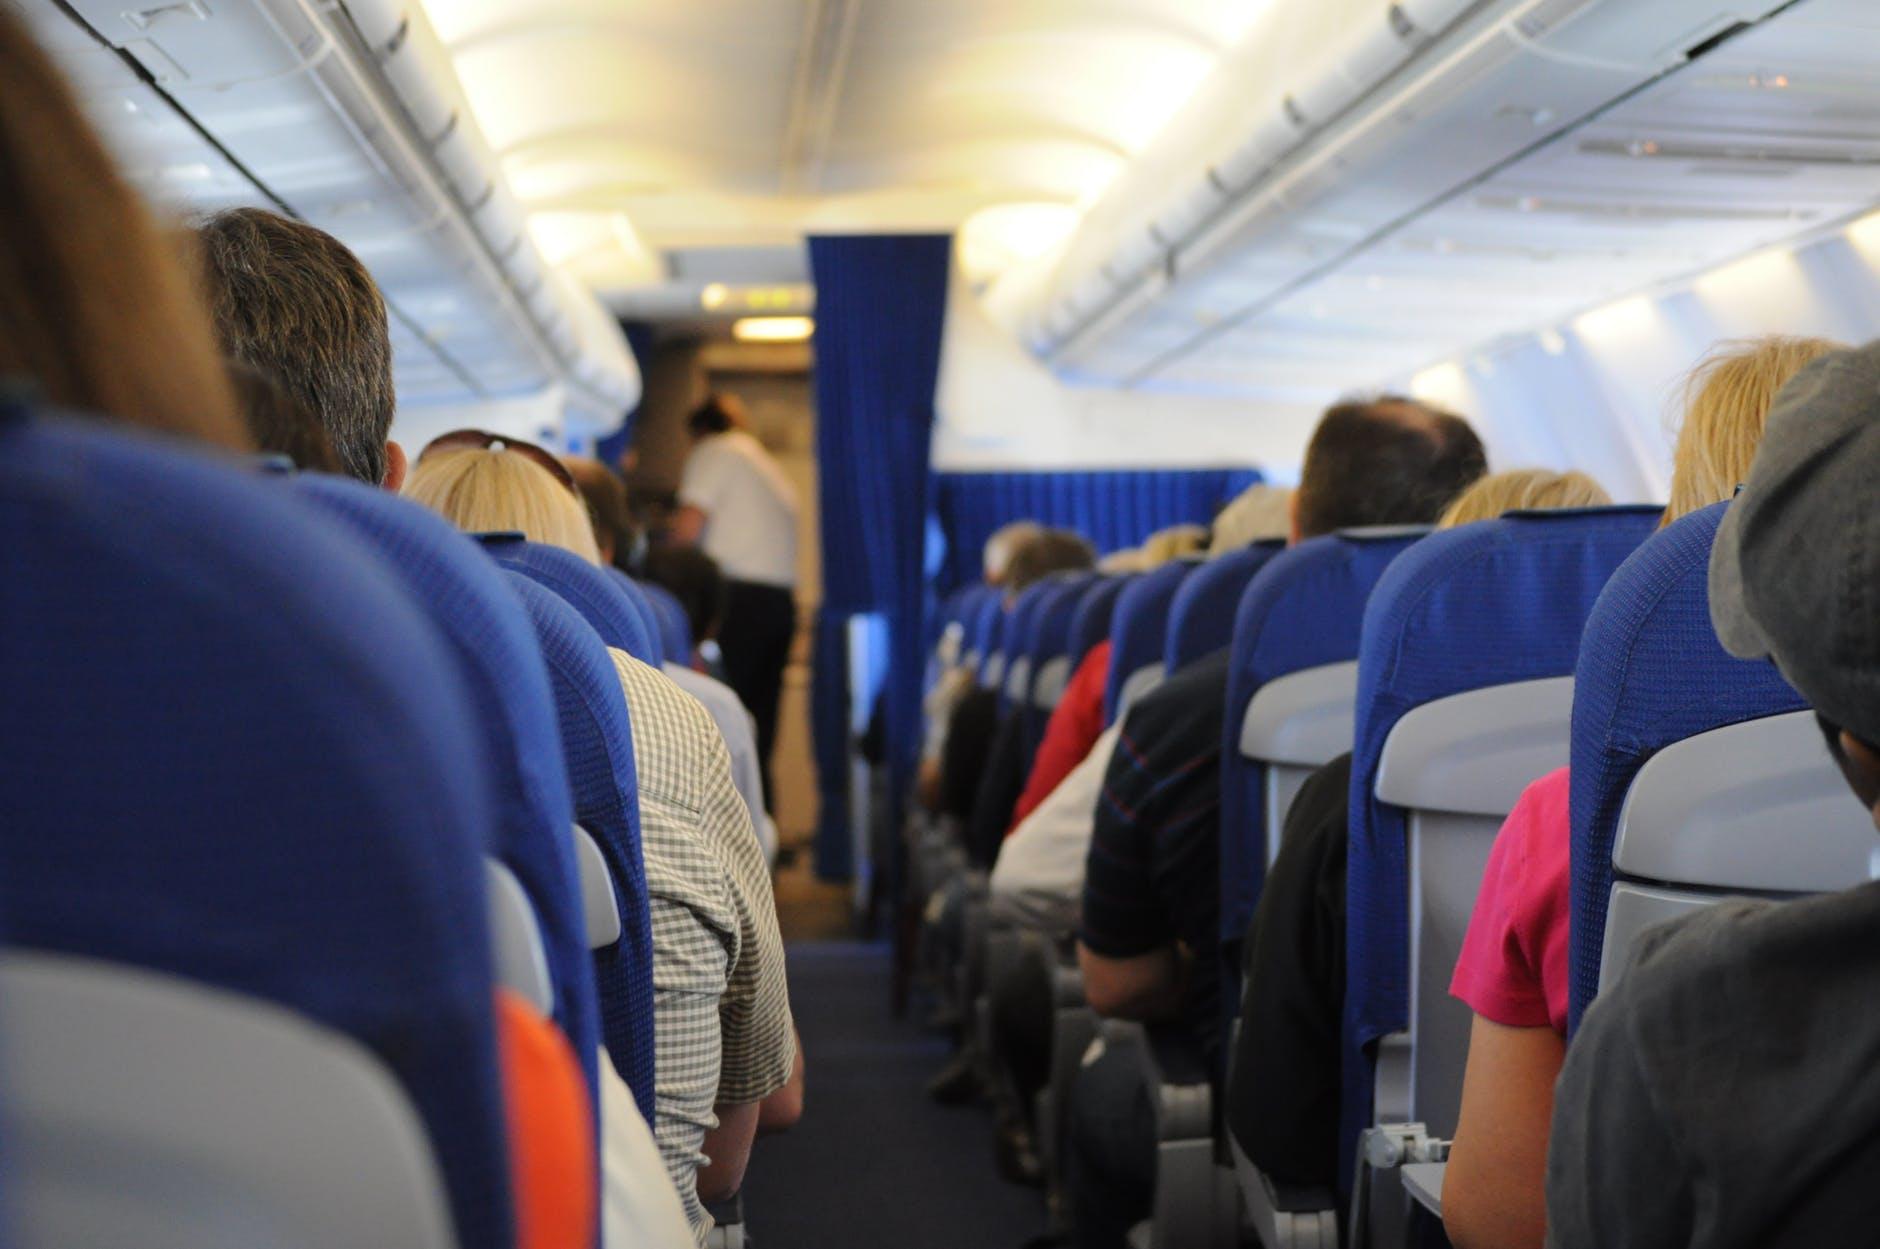 plane, aisle